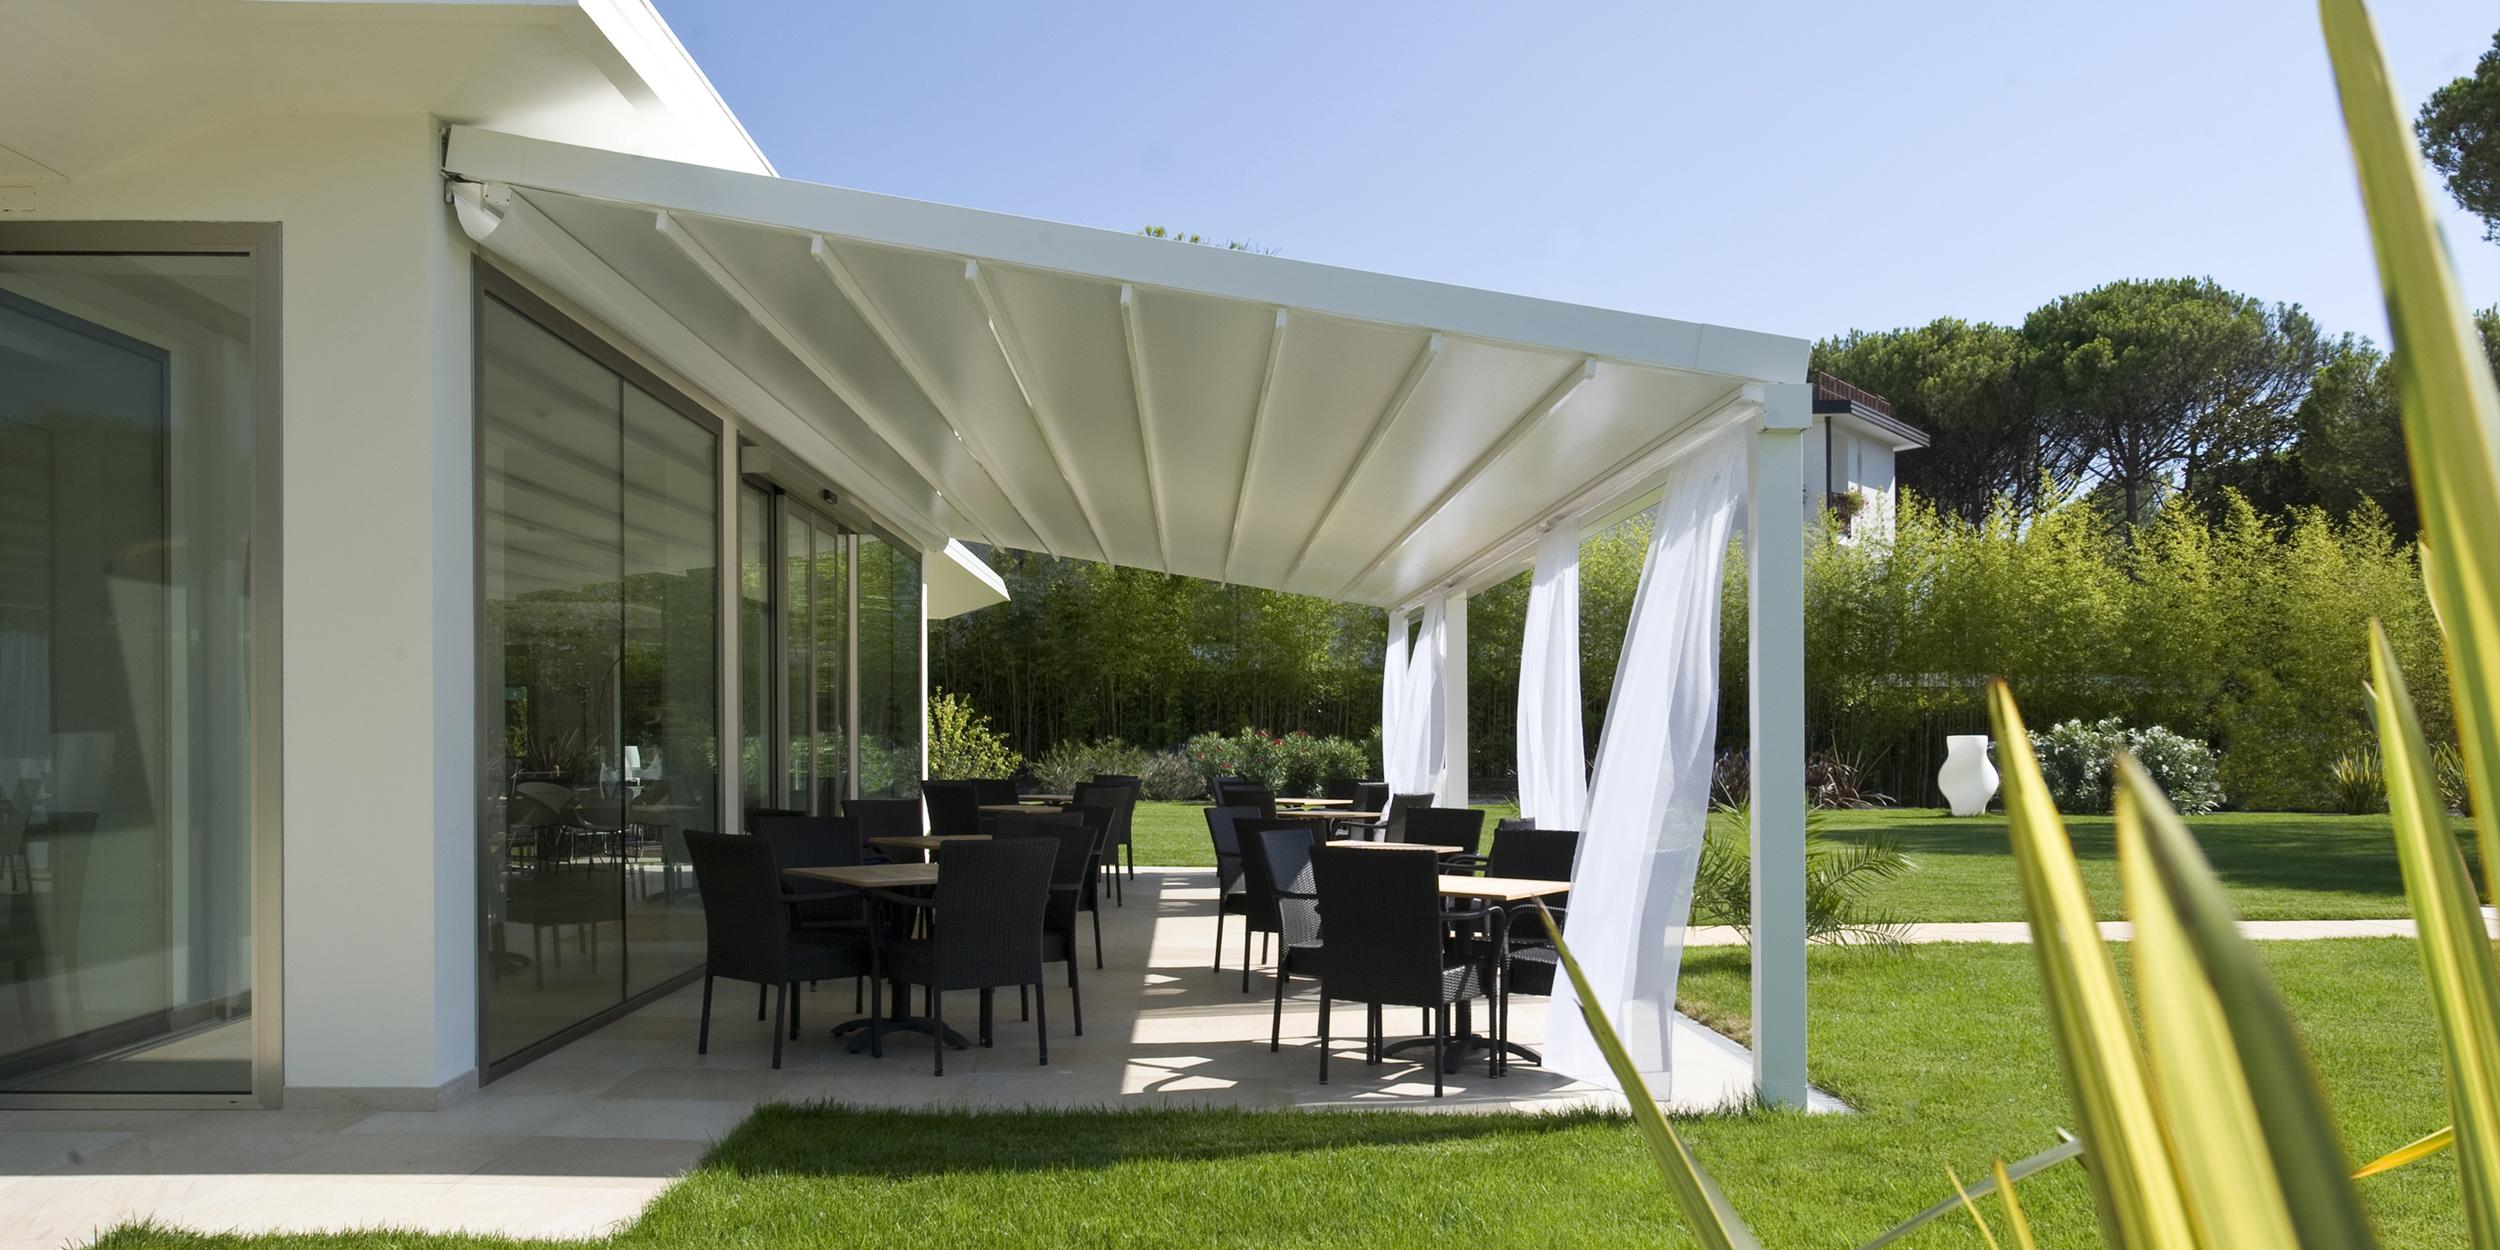 pergola level pergola apribile in alluminio ed acciao. Black Bedroom Furniture Sets. Home Design Ideas